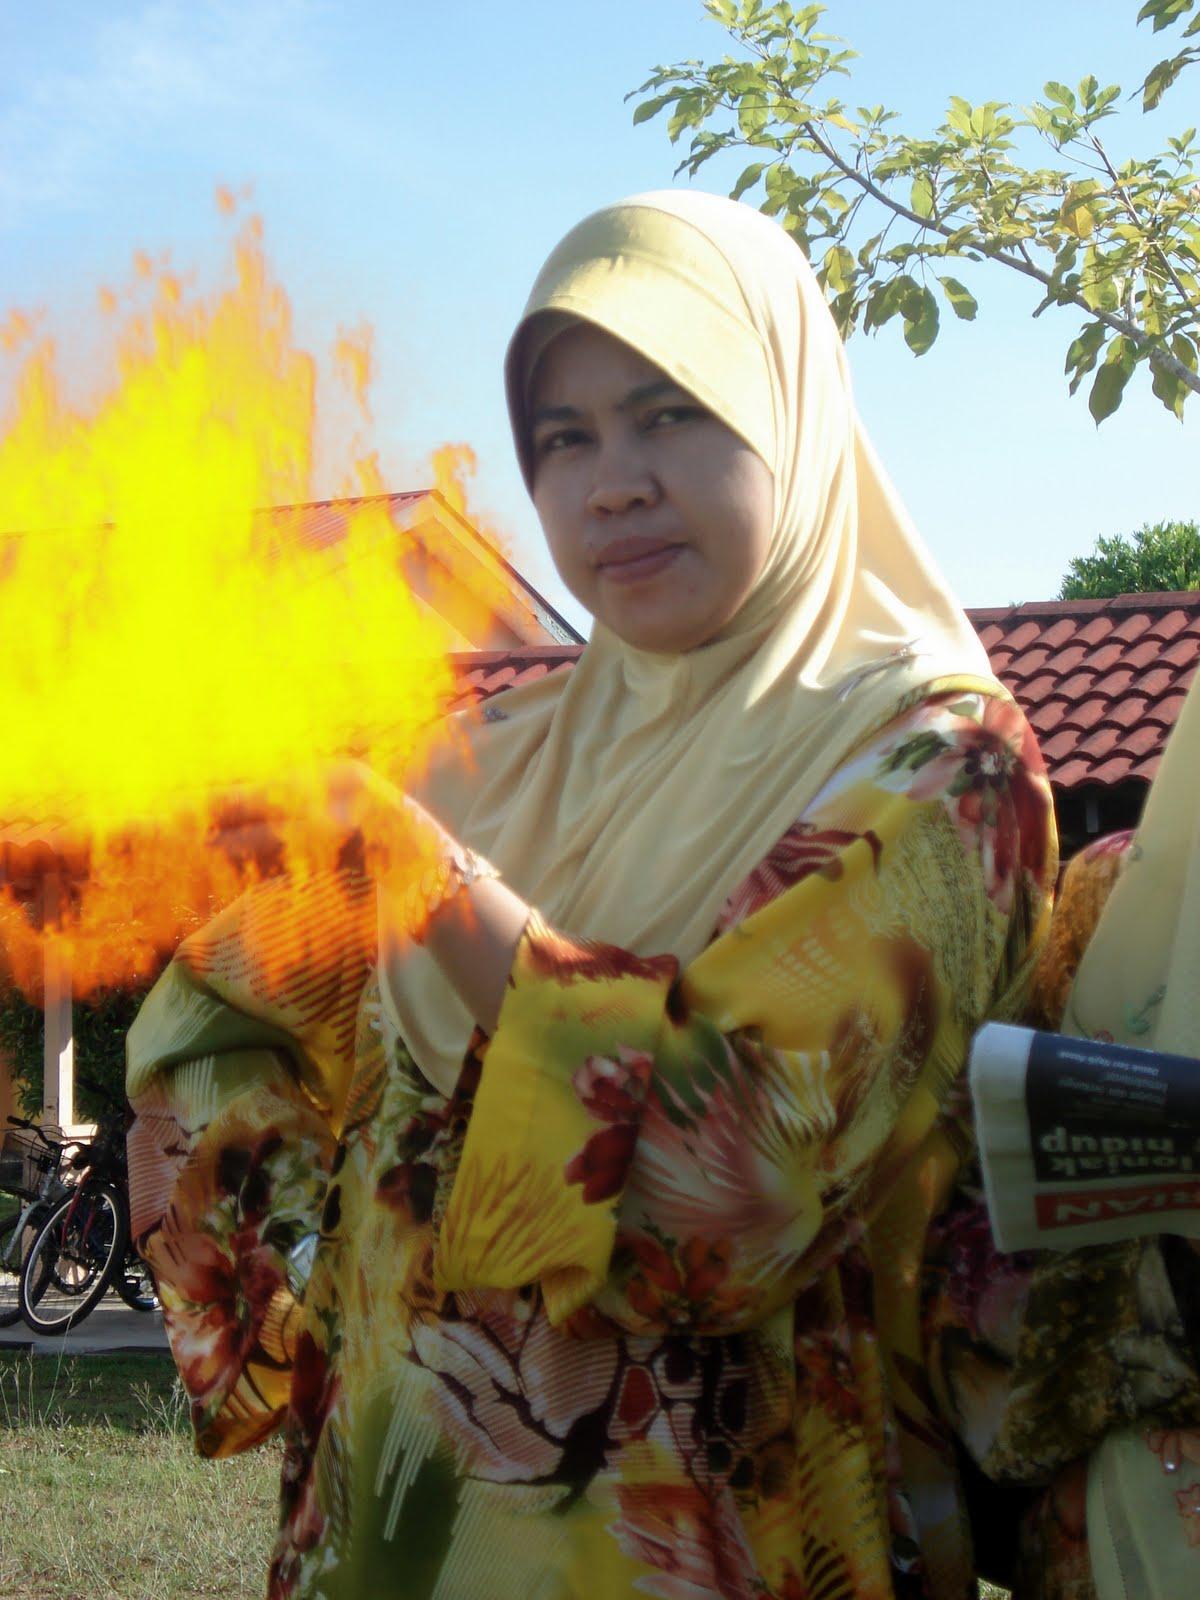 http://1.bp.blogspot.com/_Kha8NWv8530/S7Pr_-ksChI/AAAAAAAAAP0/vHKmpqBA7ws/s1600/api.jpg